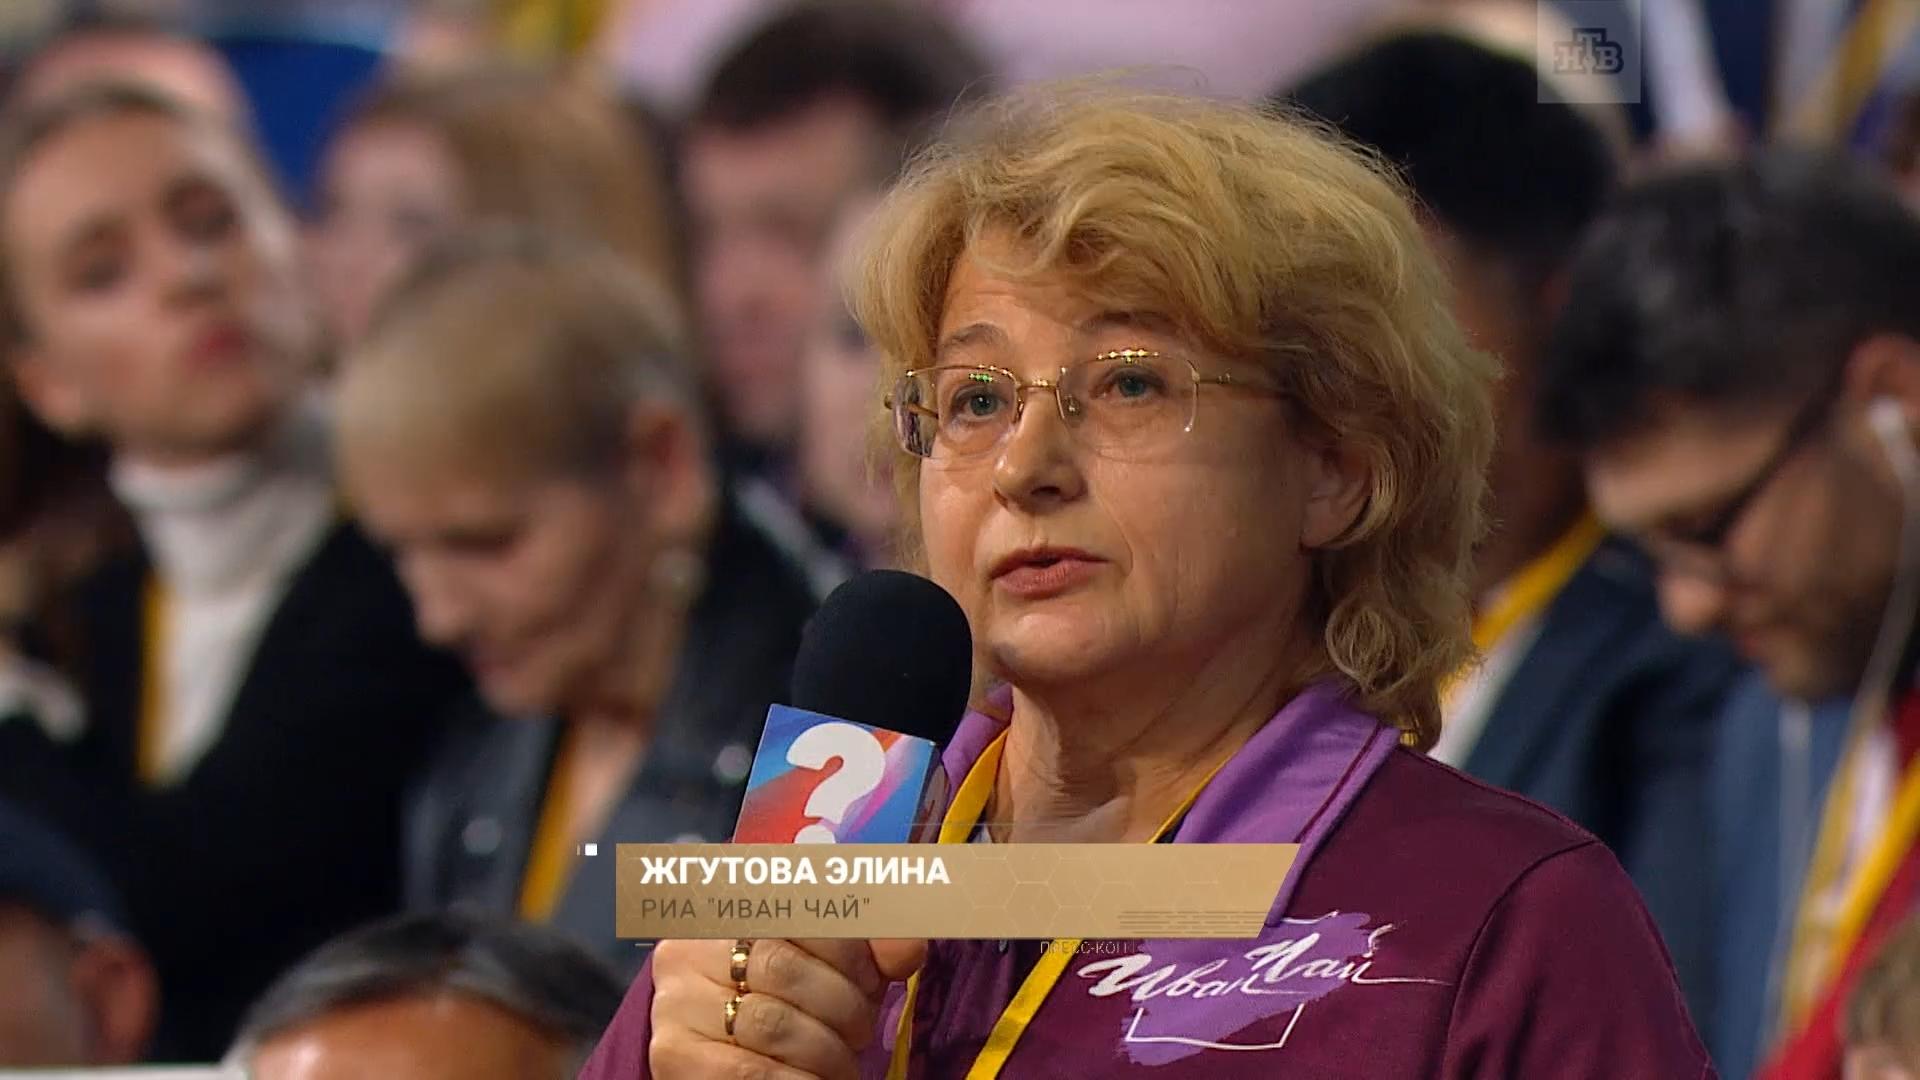 20191219-Путин призвал «спокойненько обсудить» законопроект о домашнем насилии~Жгутова-pic0